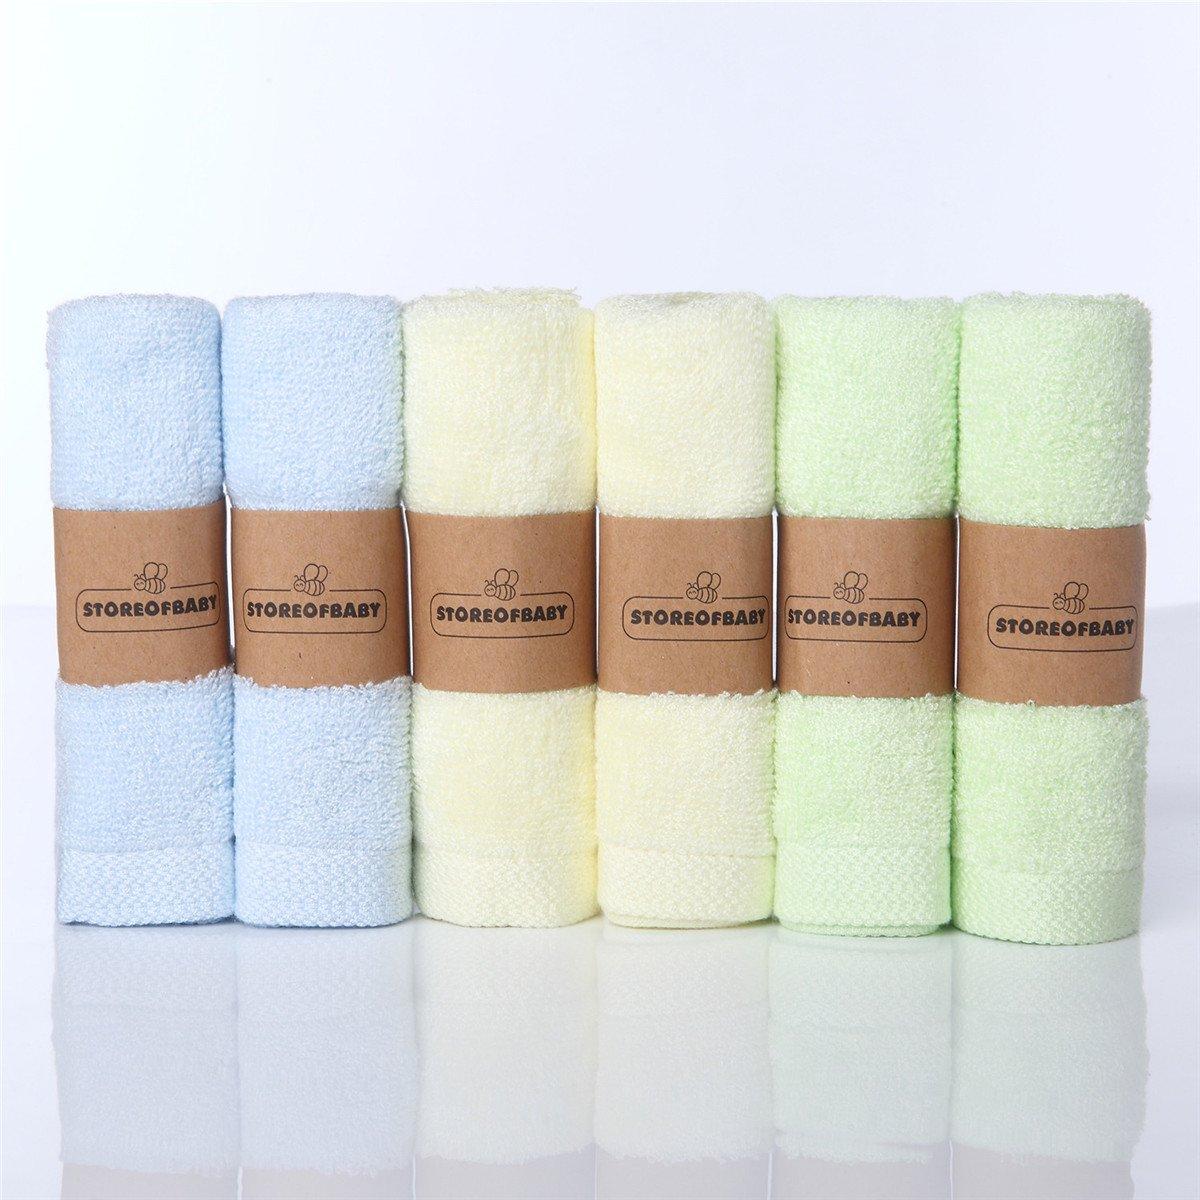 Storeofbaby Baby Waschlappen Bambusfaser umweltfreundliche wiederverwendbare Wischtücher 6 Pack 10X 10 Washcloths_Blue